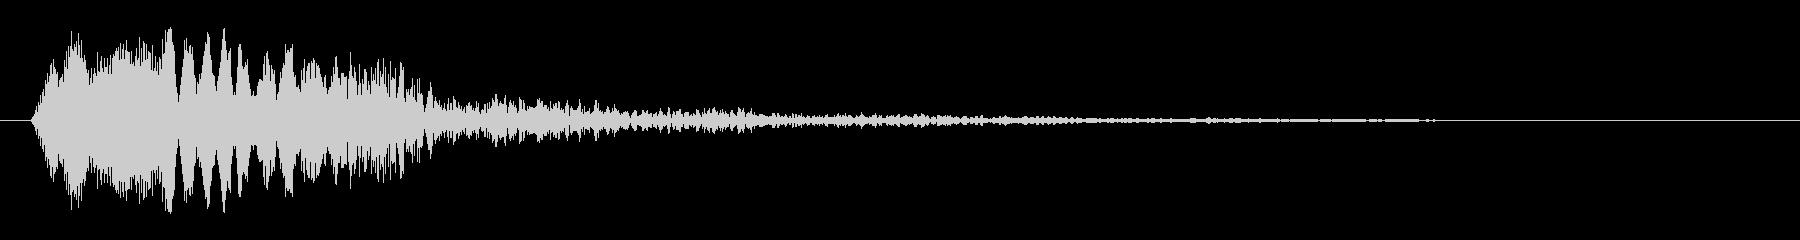 クリック音(ある箇所を調べる時の効果音)の未再生の波形